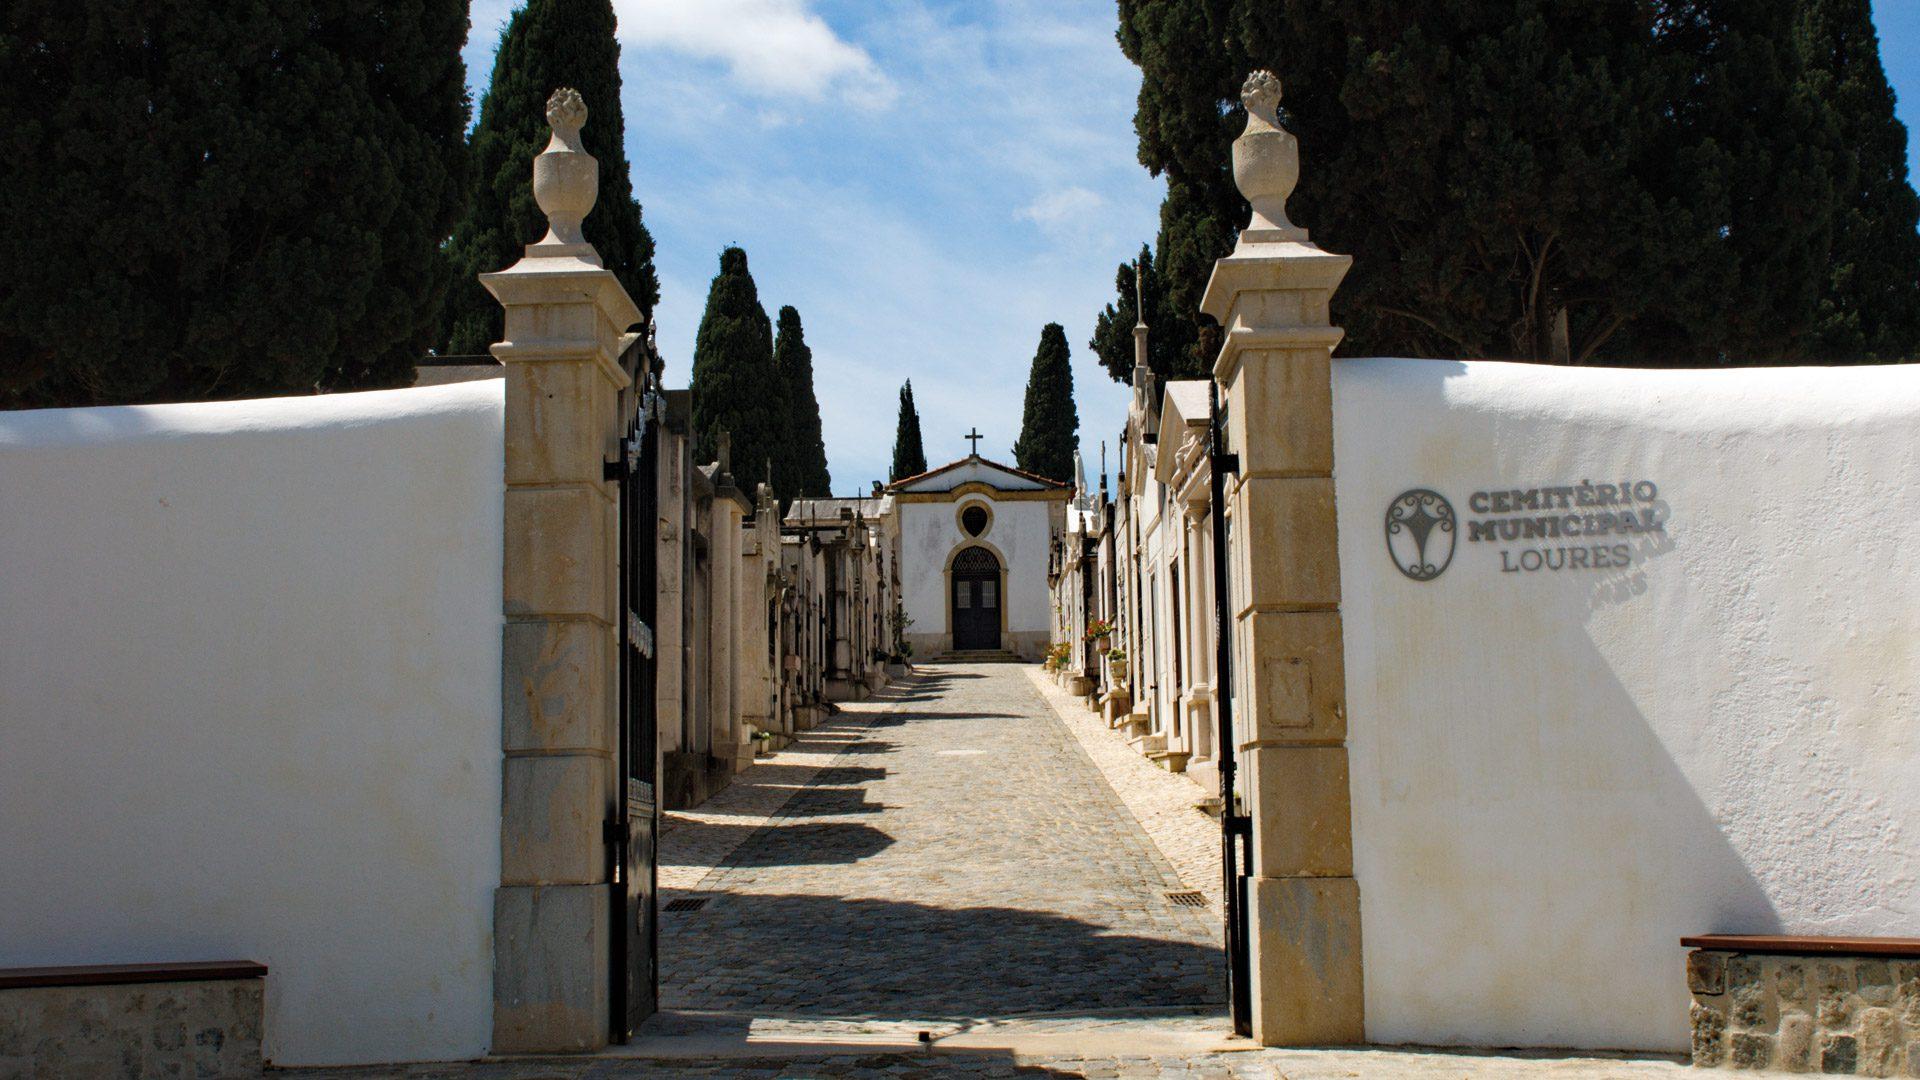 Turismo Cemiterial